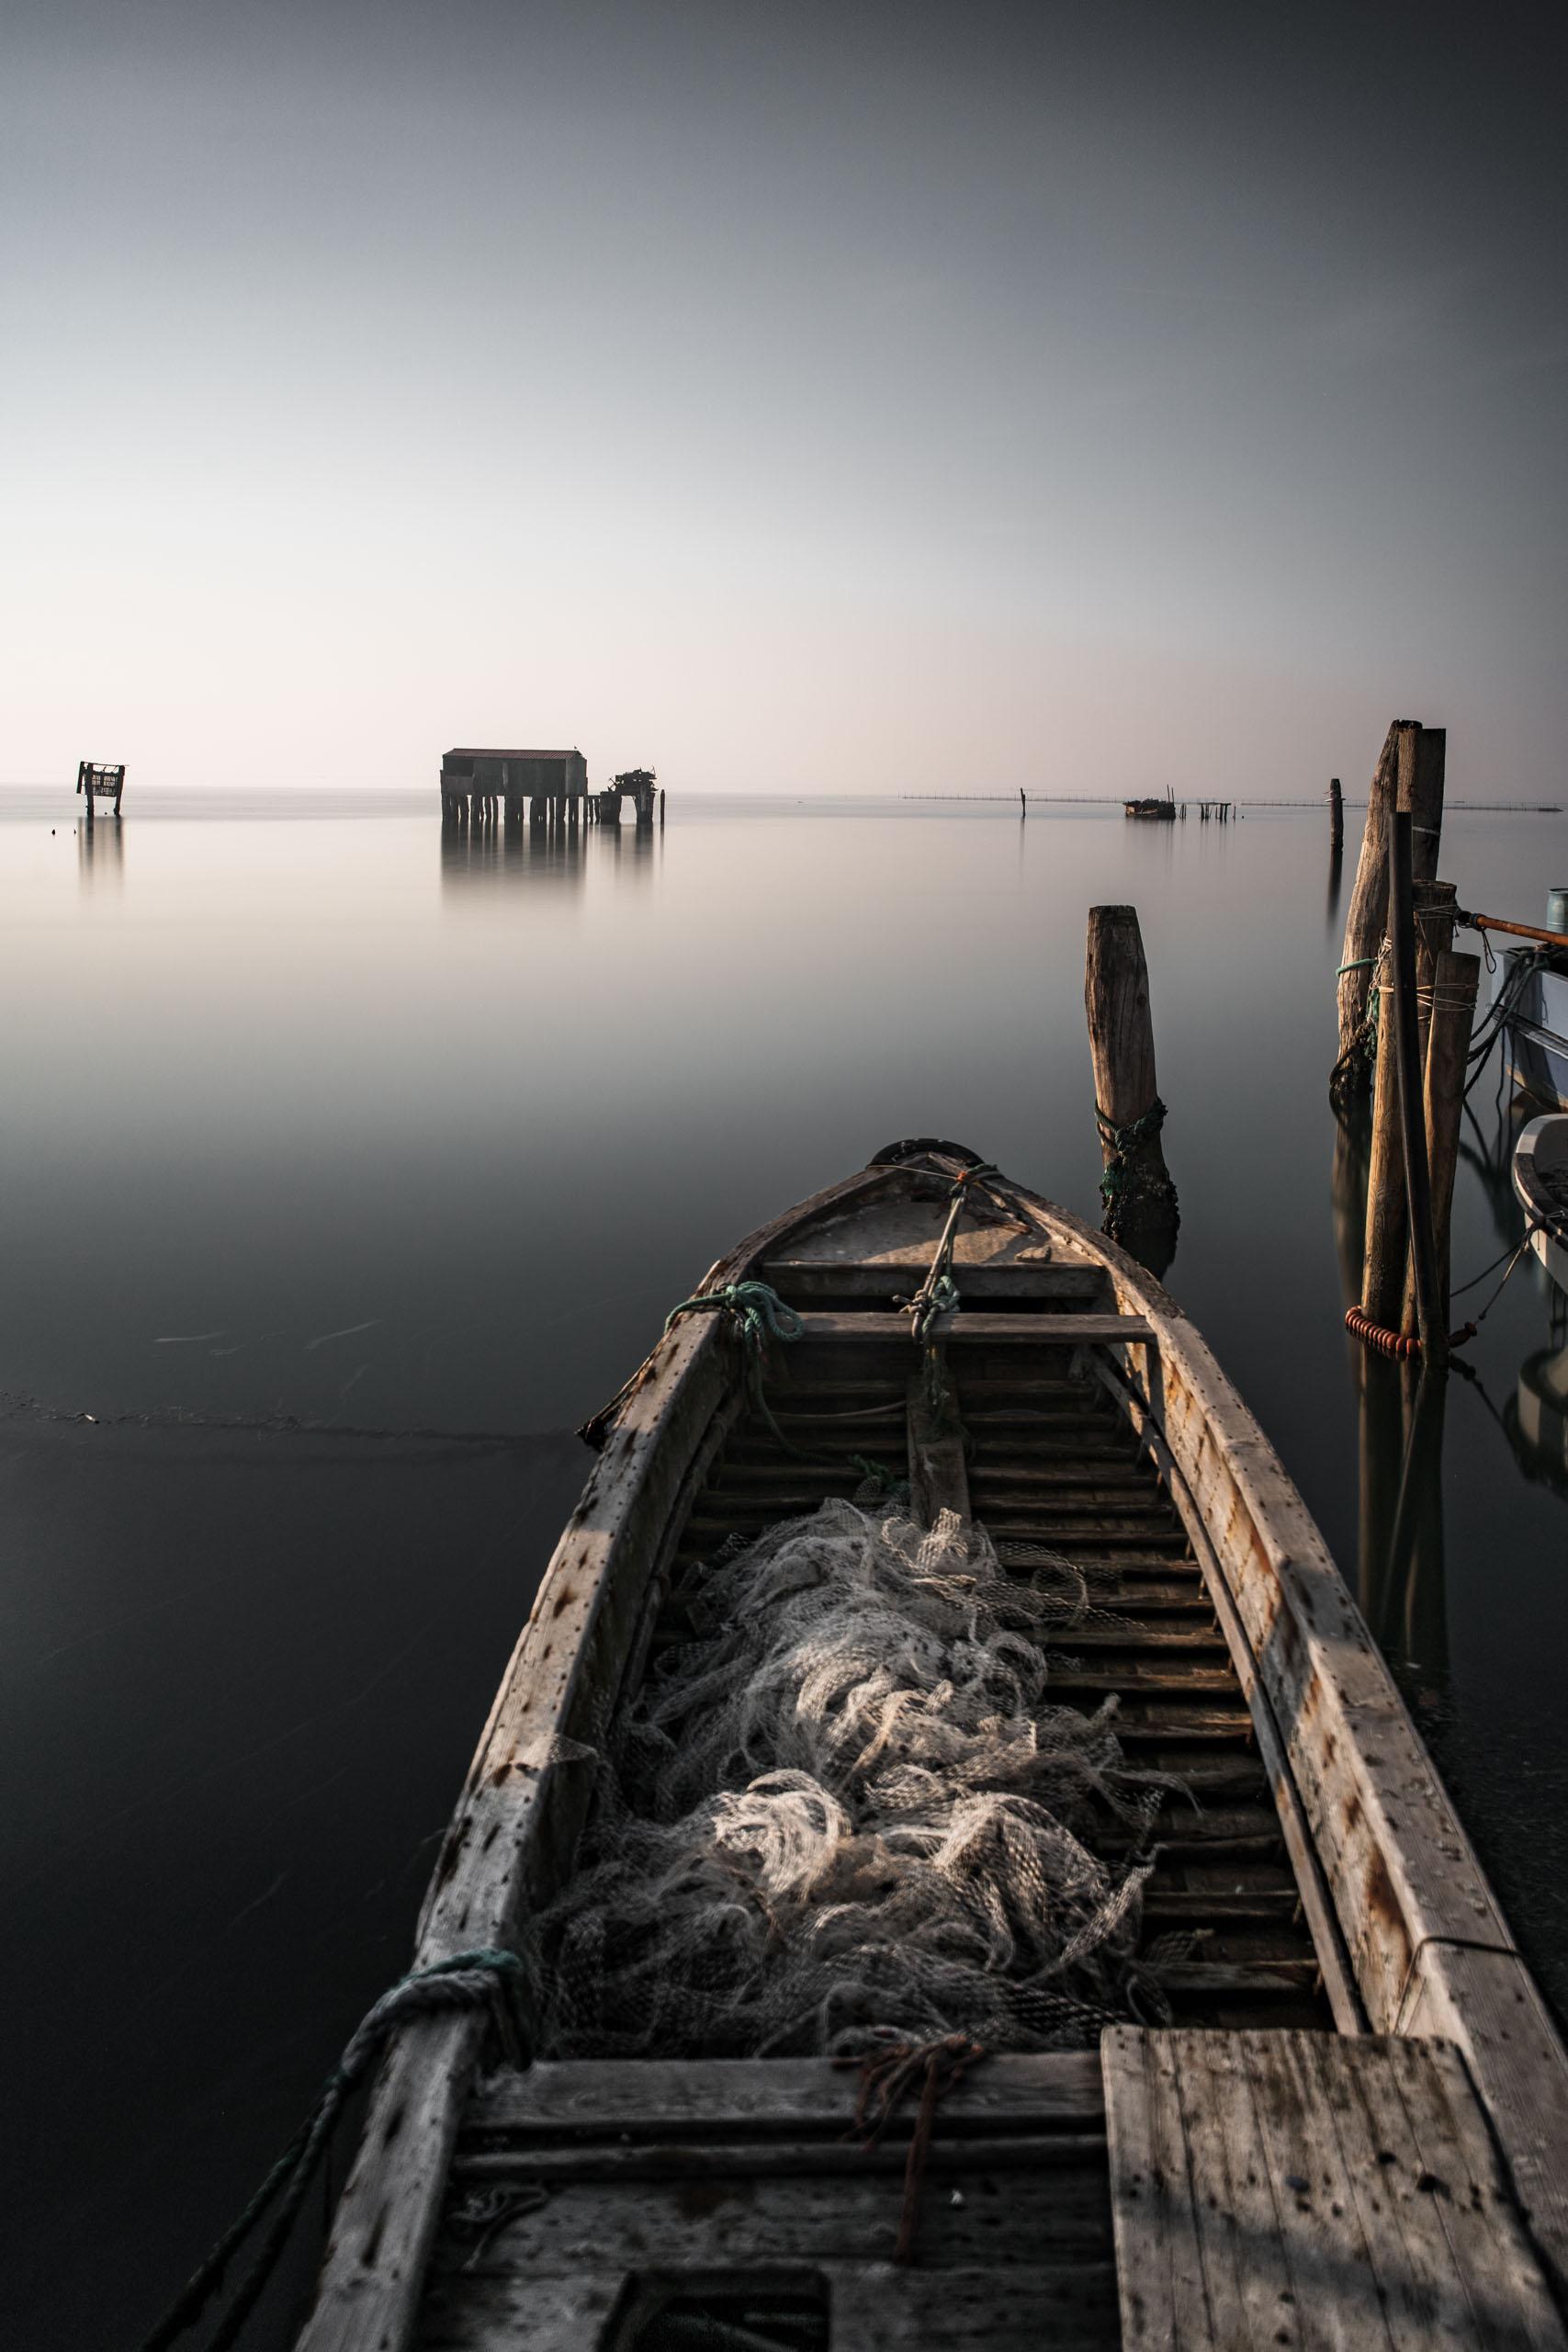 Fischerhütte in der Lagune von Venedig